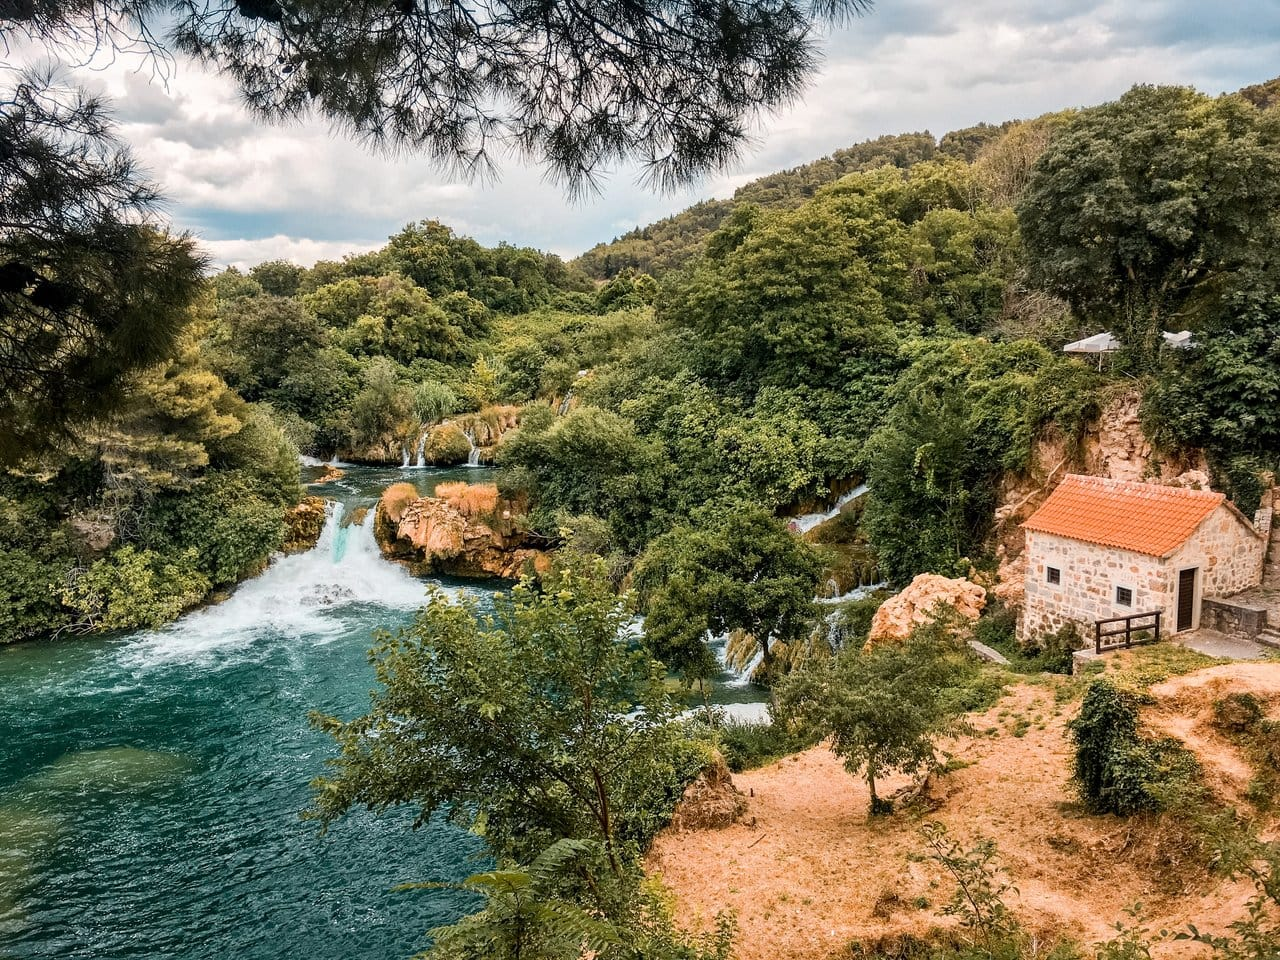 Krka waterfalls day trip from Split